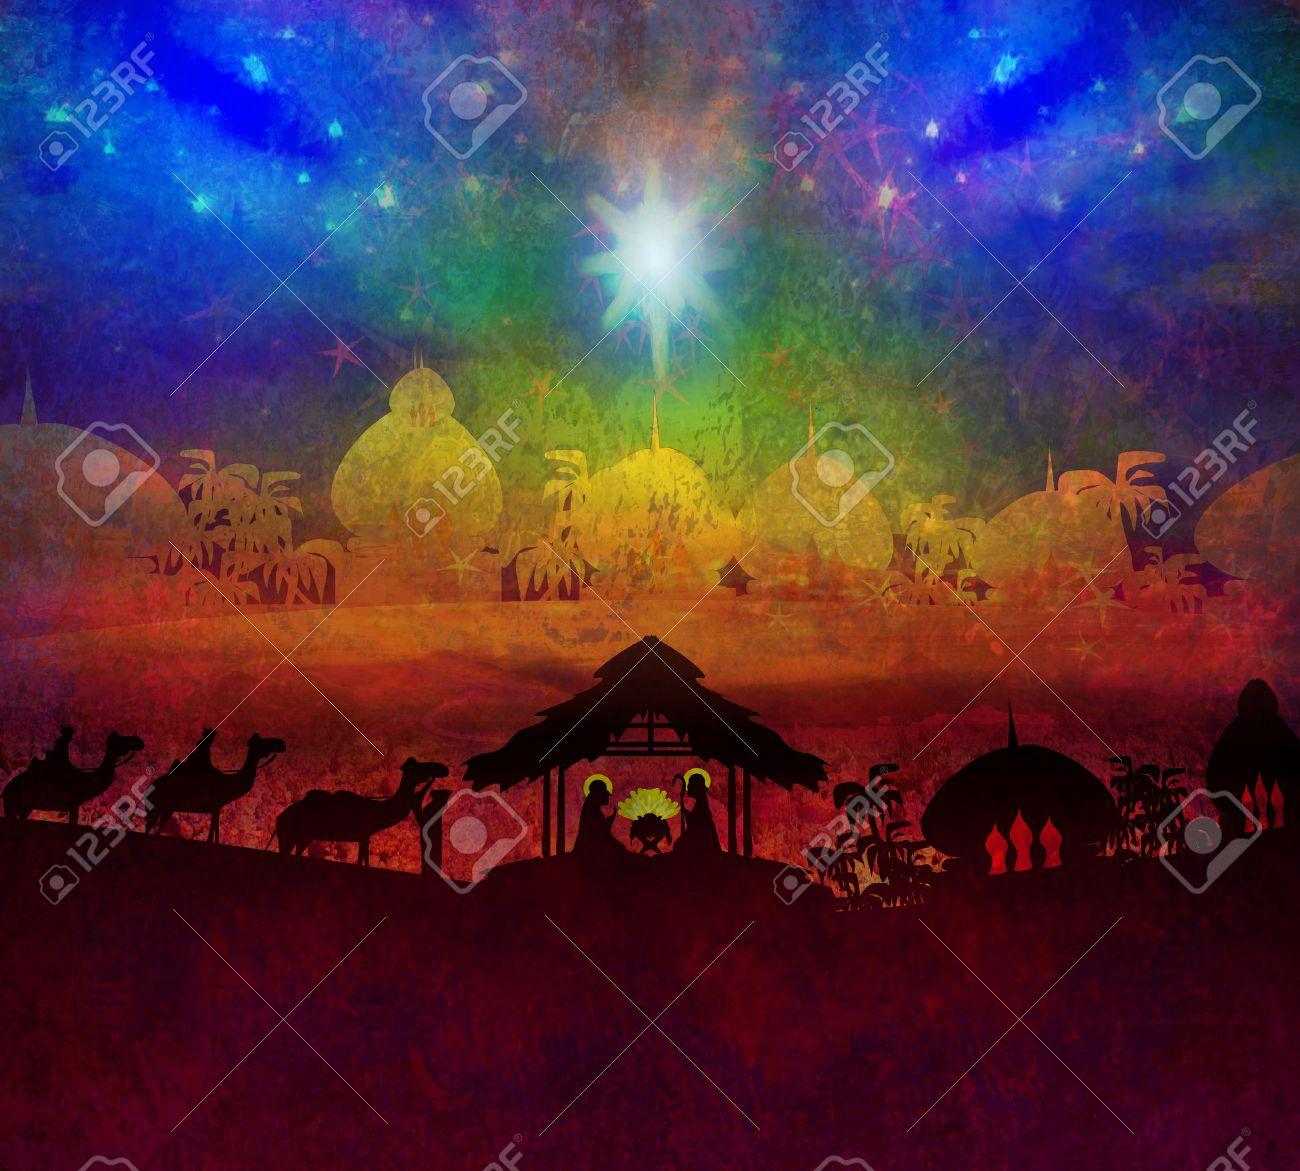 Biblical scene - birth of Jesus in Bethlehem. - 26972084